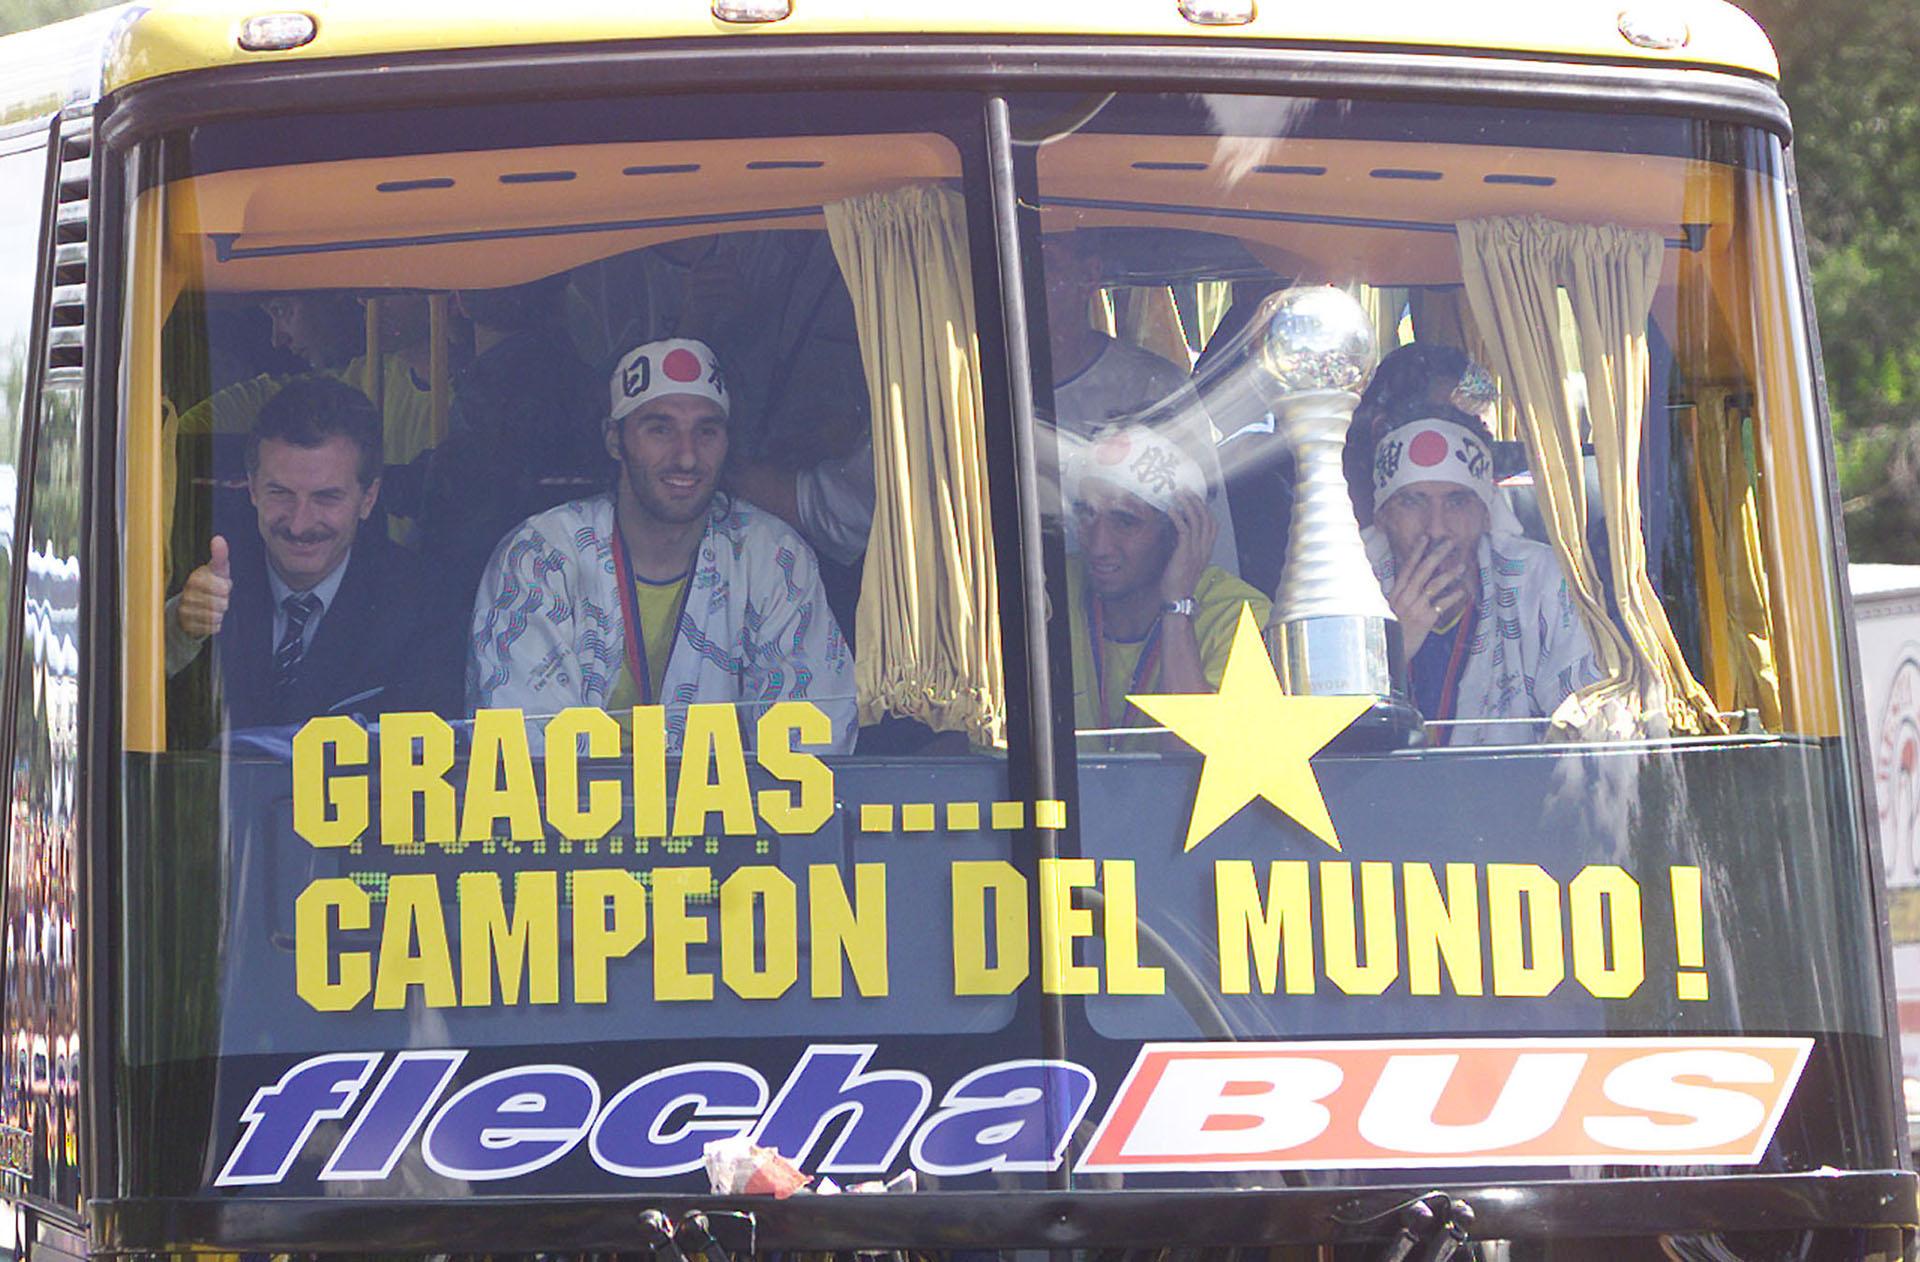 2003. Junto a los jugadores de Boca Rolando Schiavi, Matias Donnet y Diego Cagna, saludando a la caravana que recibió al plantel a su regreso de Tokio, tras su victoria frente al Milan de Italia en la final de la Copa Intercontinental